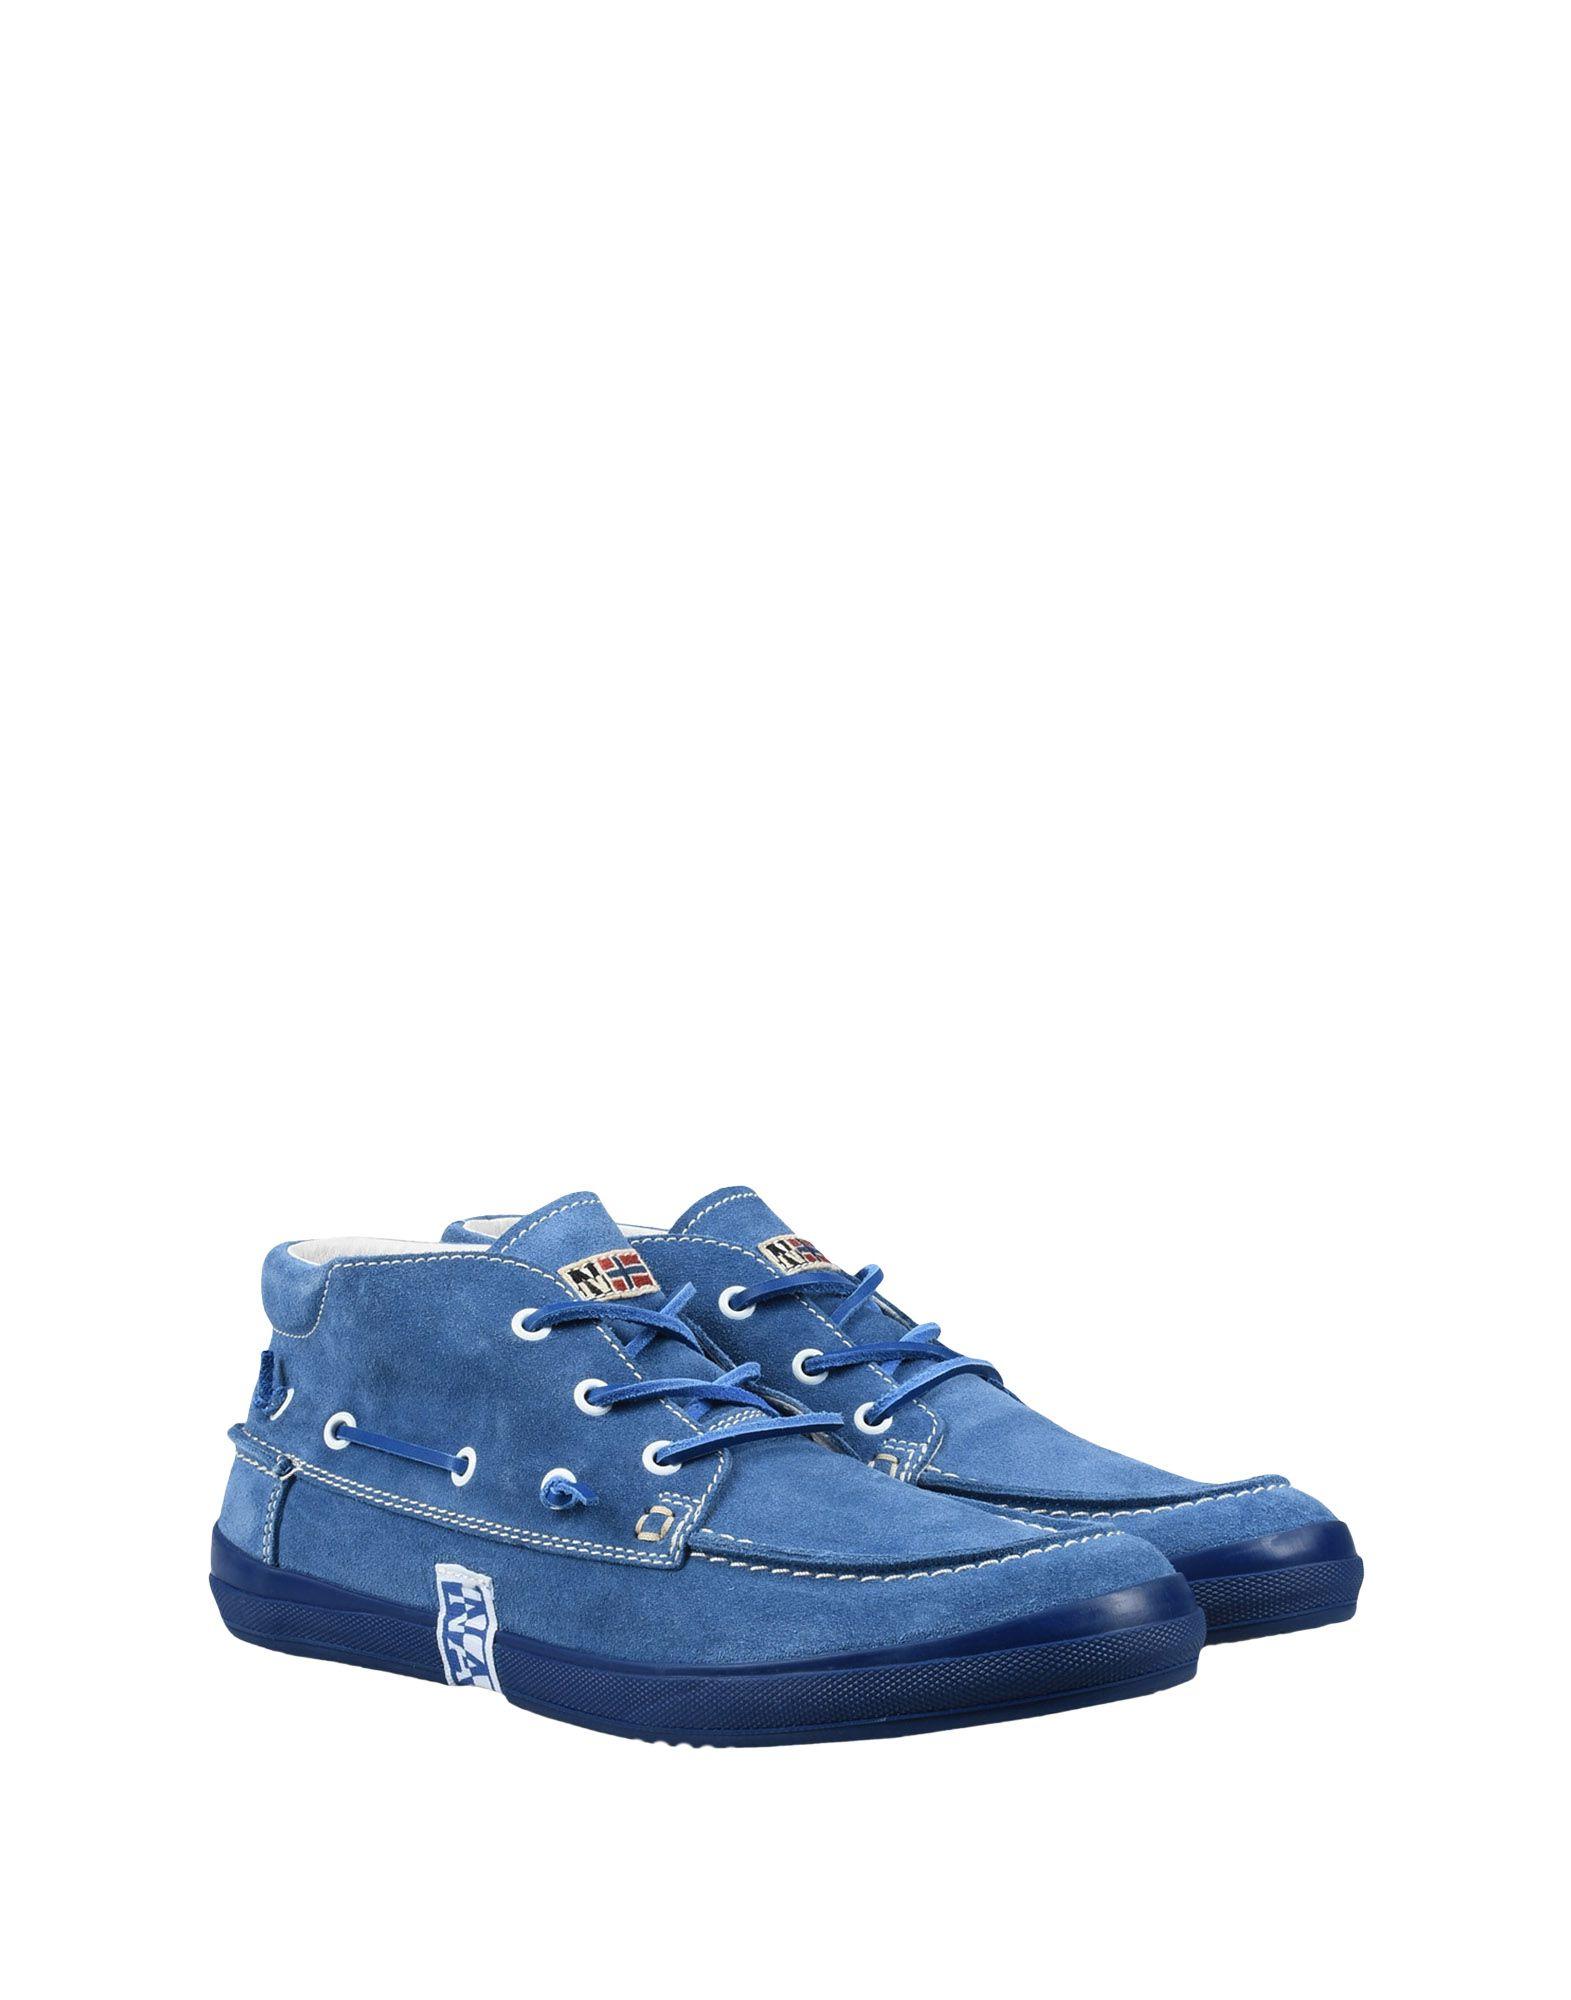 NAPAPIJRI Полусапоги и высокие ботинки ботинки napapijri napapijri na154amvob48